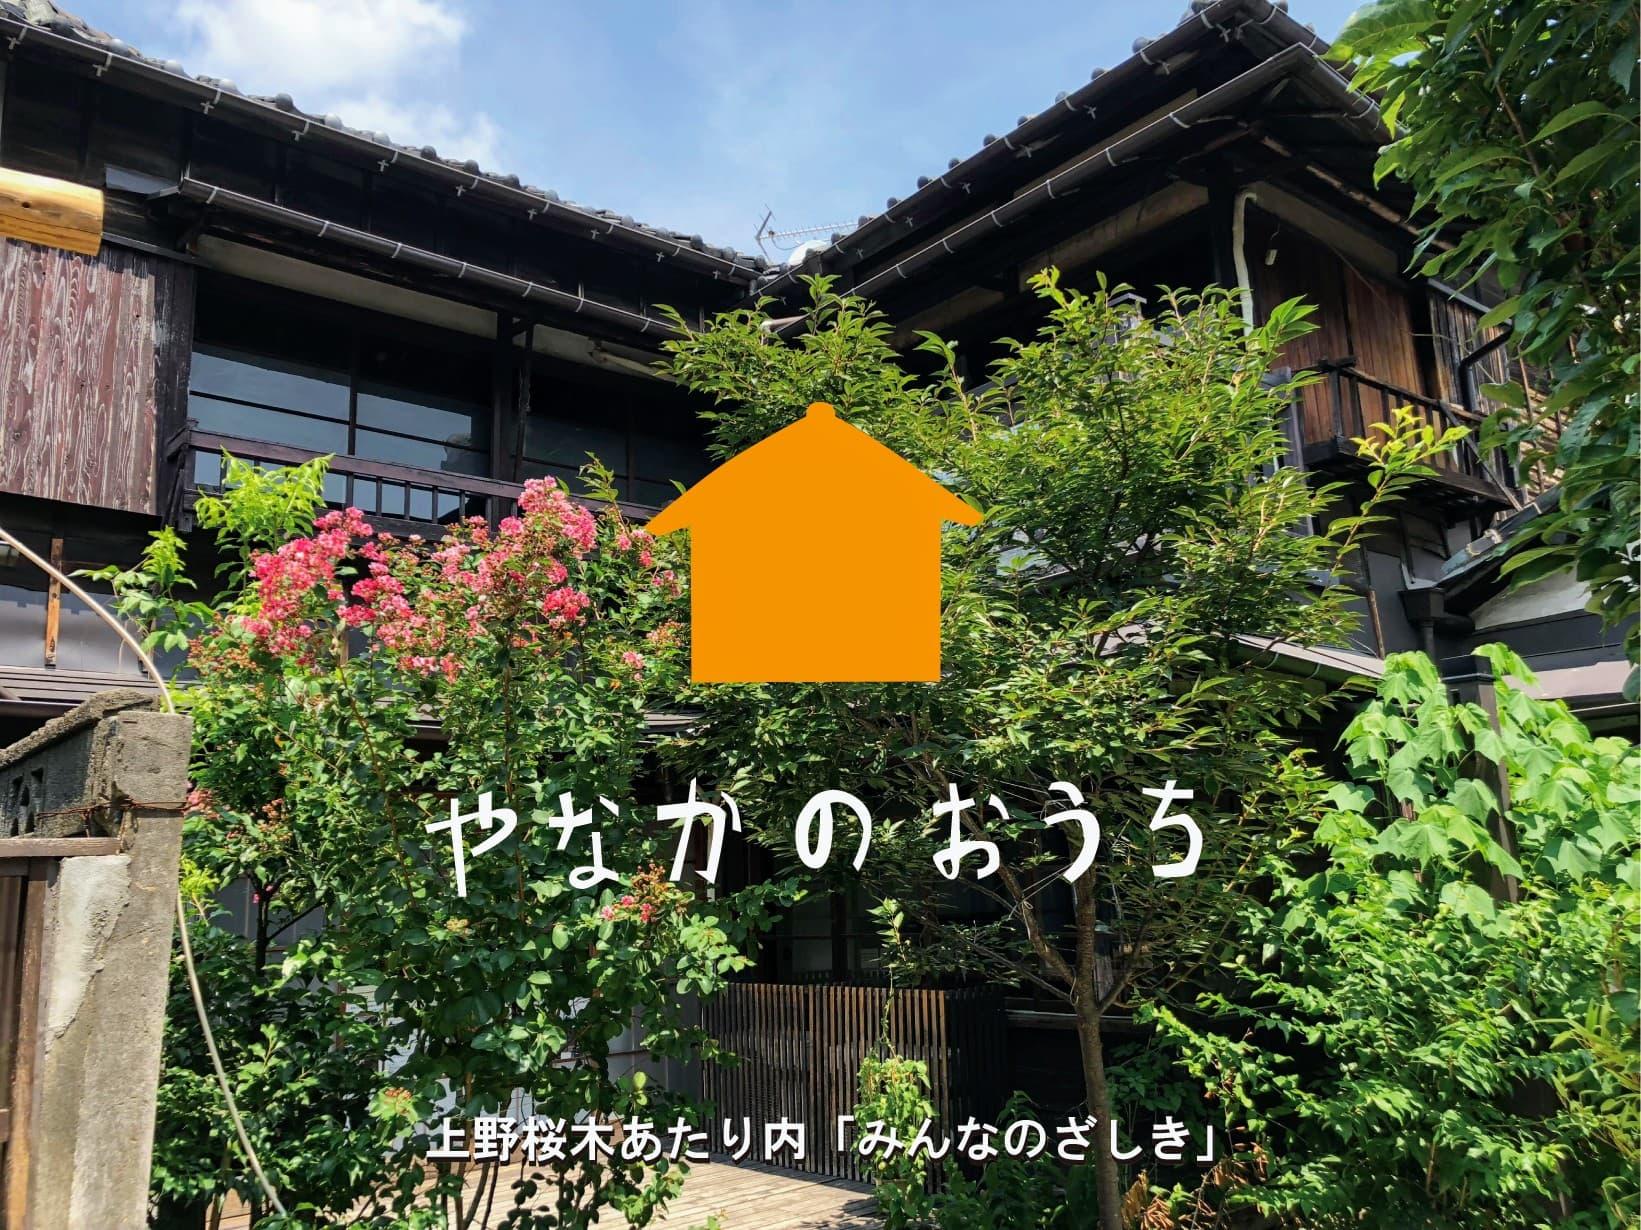 10月【やなかのおうち】のお知らせ